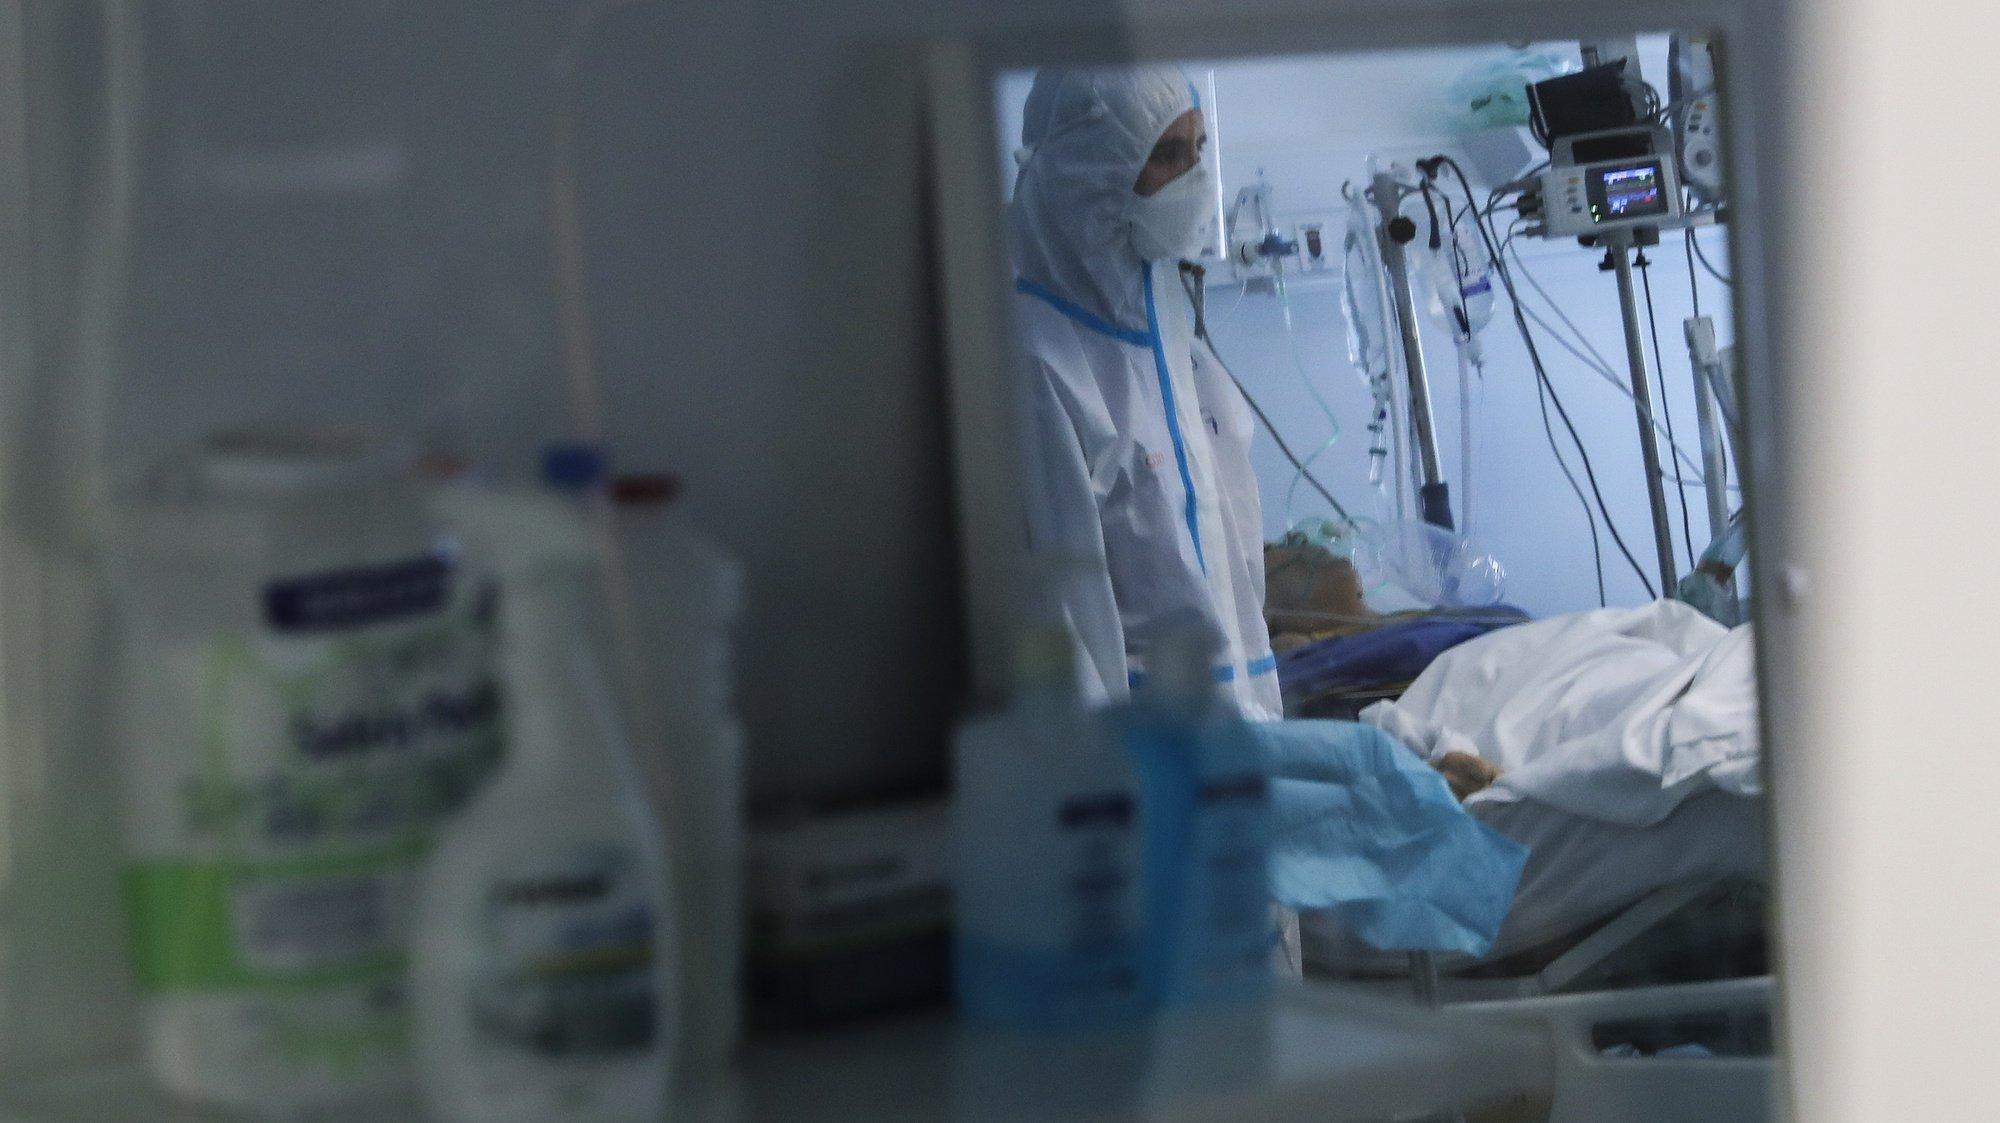 Unidade da Cuidados Itensivos do Hospital das Forças Armadas, Lisboa, 27 de janeiro de 2021. Gabinetes, salas de espera e até o refeitório do Hospital das Forças Armadas, em Lisboa, estão a ser transformados em enfermarias para doentes covid-19, no combate a uma vaga da pandemia que atinge o país em força. ( ACOMPANHA TEXTO DO DIA 28 DE JANEIRO DE 2021). JOÃO RELVAS/LUSA